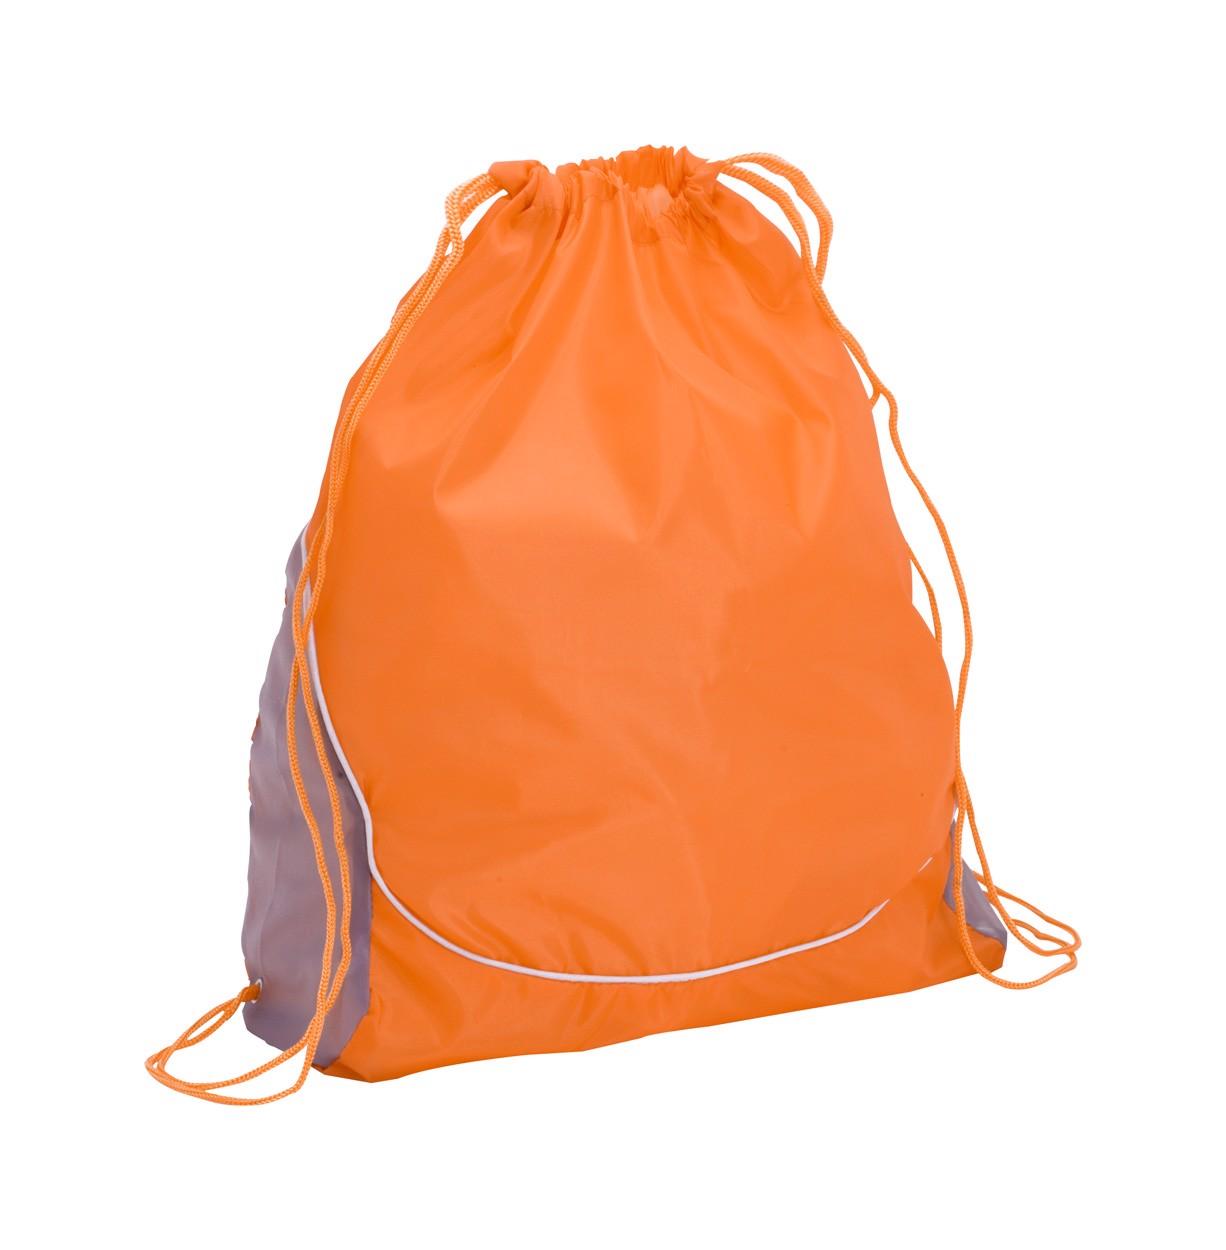 Vak Na Stažení Šňůrkou Dual - Oranžová / Stříbrná